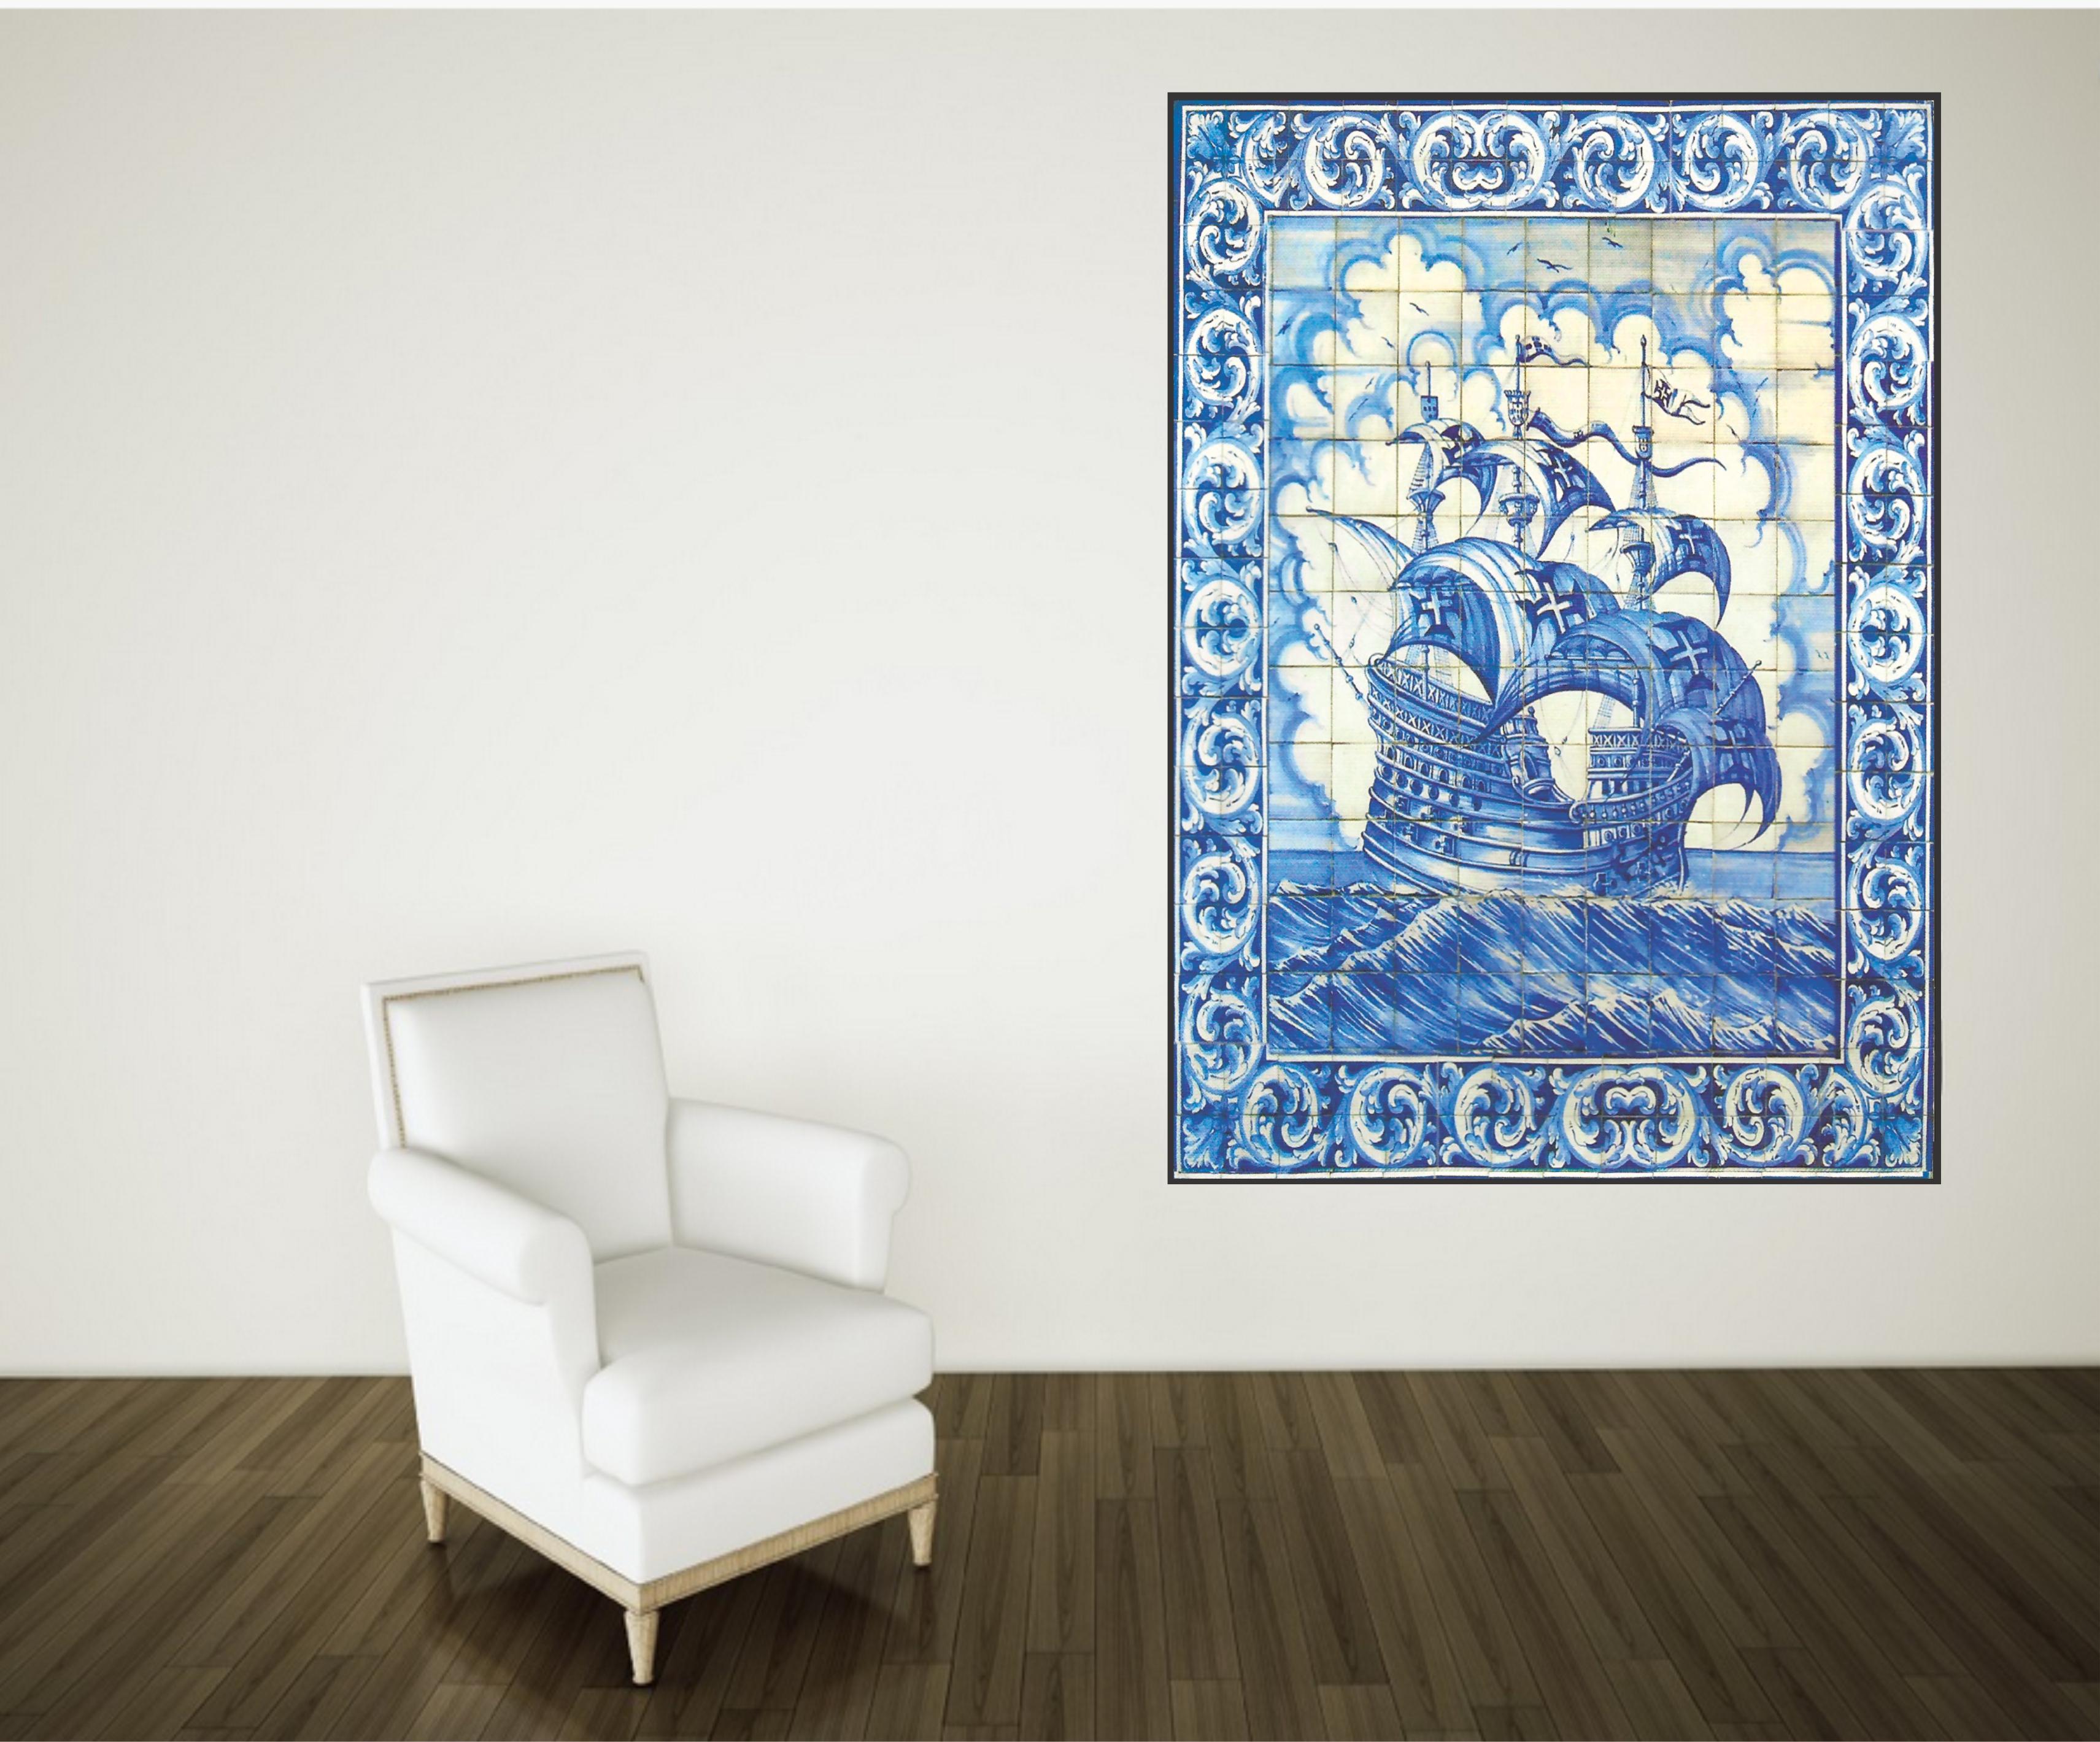 Adesivo de parede azulejos portugueses caravela cole decore - Azulejos portugueses comprar ...